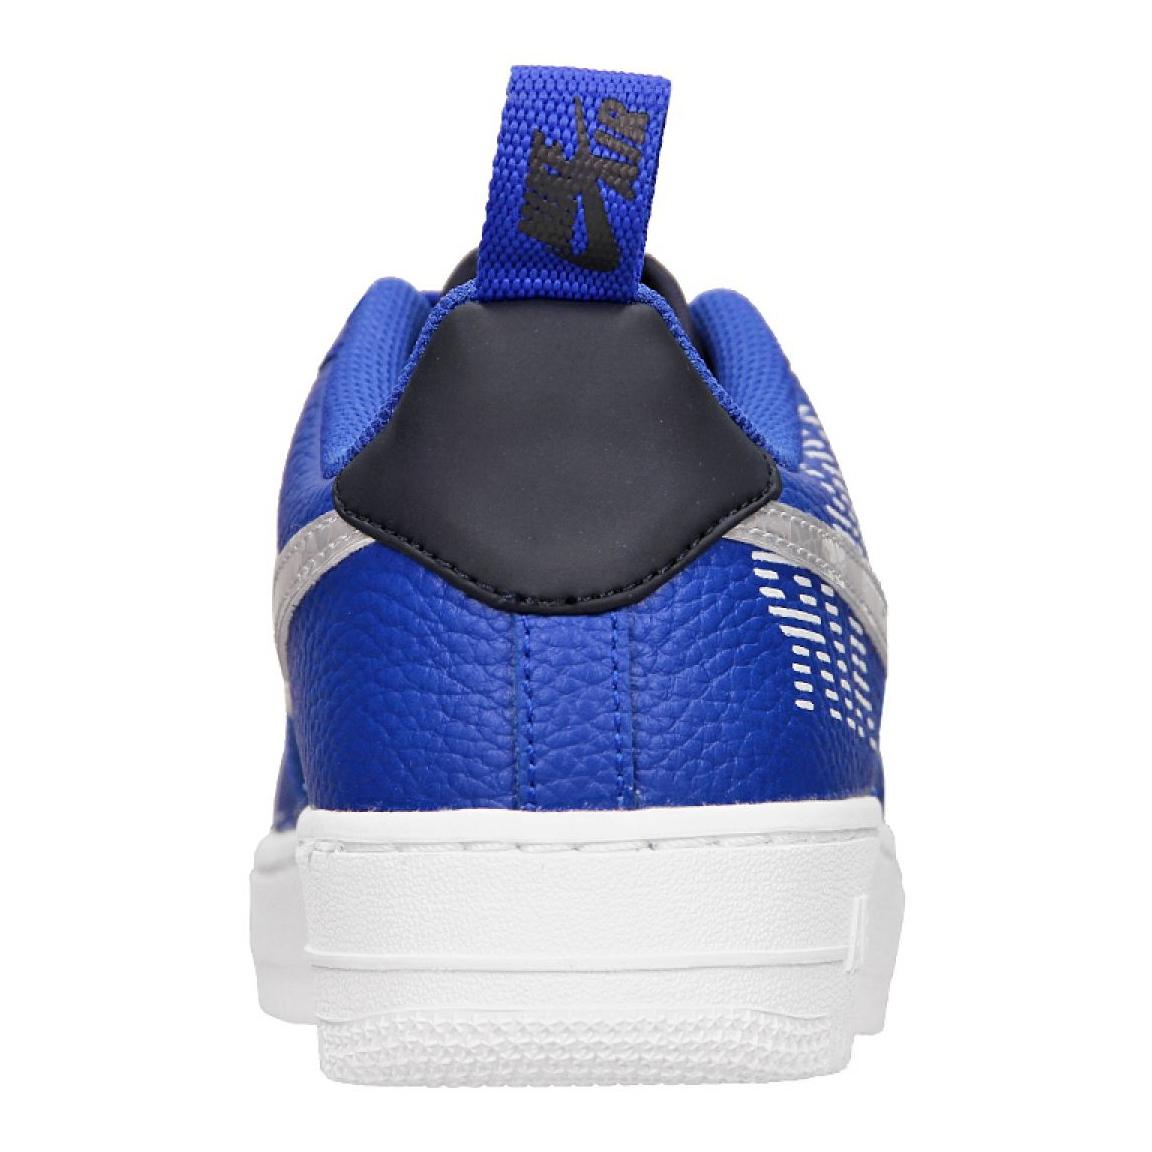 Details about Nike Air Force 1 LV8 2 (GS) Jr BQ5484 400 shoes blue